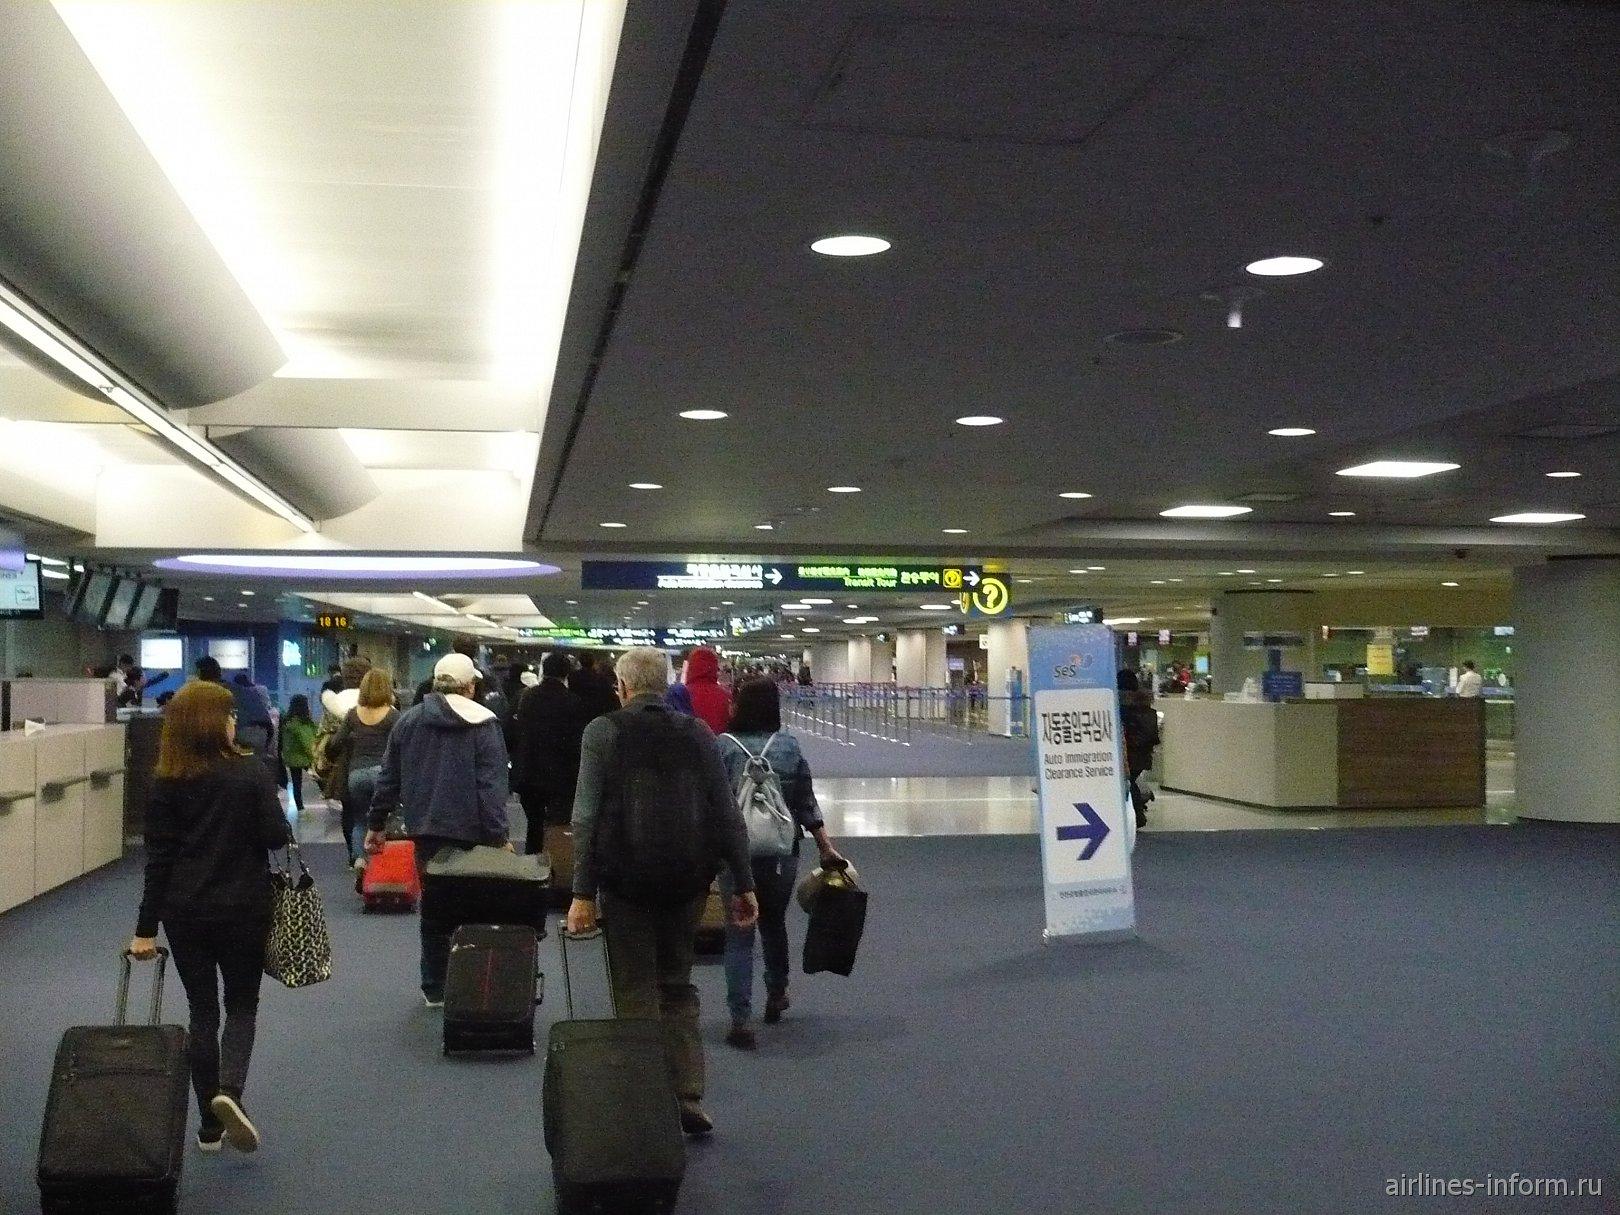 Ну вот мы и в трансферной зоне аэропорта Инчон. Пассажиры, прибывшие в аэропорт, делятся на несколько потоков: транзит и прибывшие. Все достаточно просто. Везде указатели, куда необходимо двигаться. Аэропорт просто огромен, но ничего сложного здесь нет.